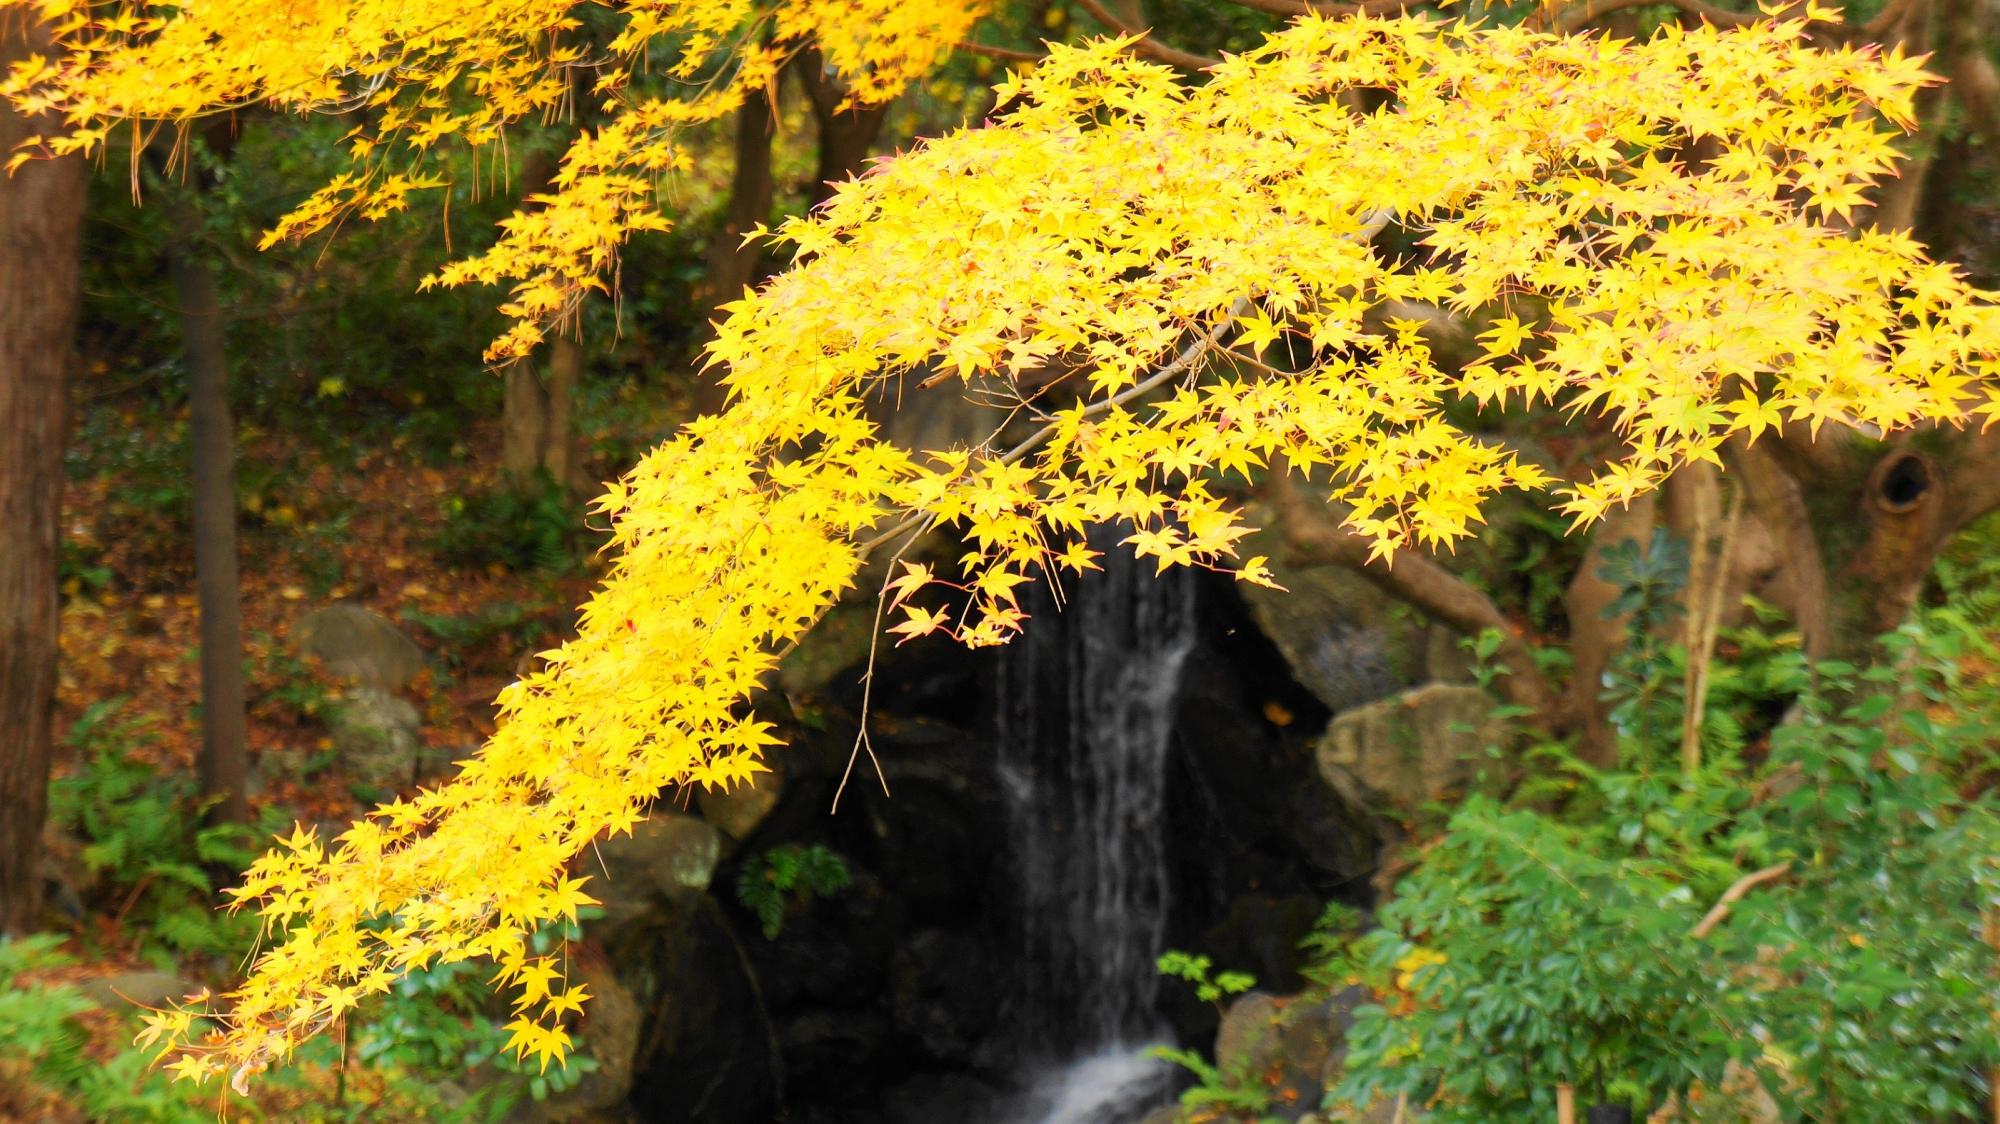 円山公園の見ごろの紅葉